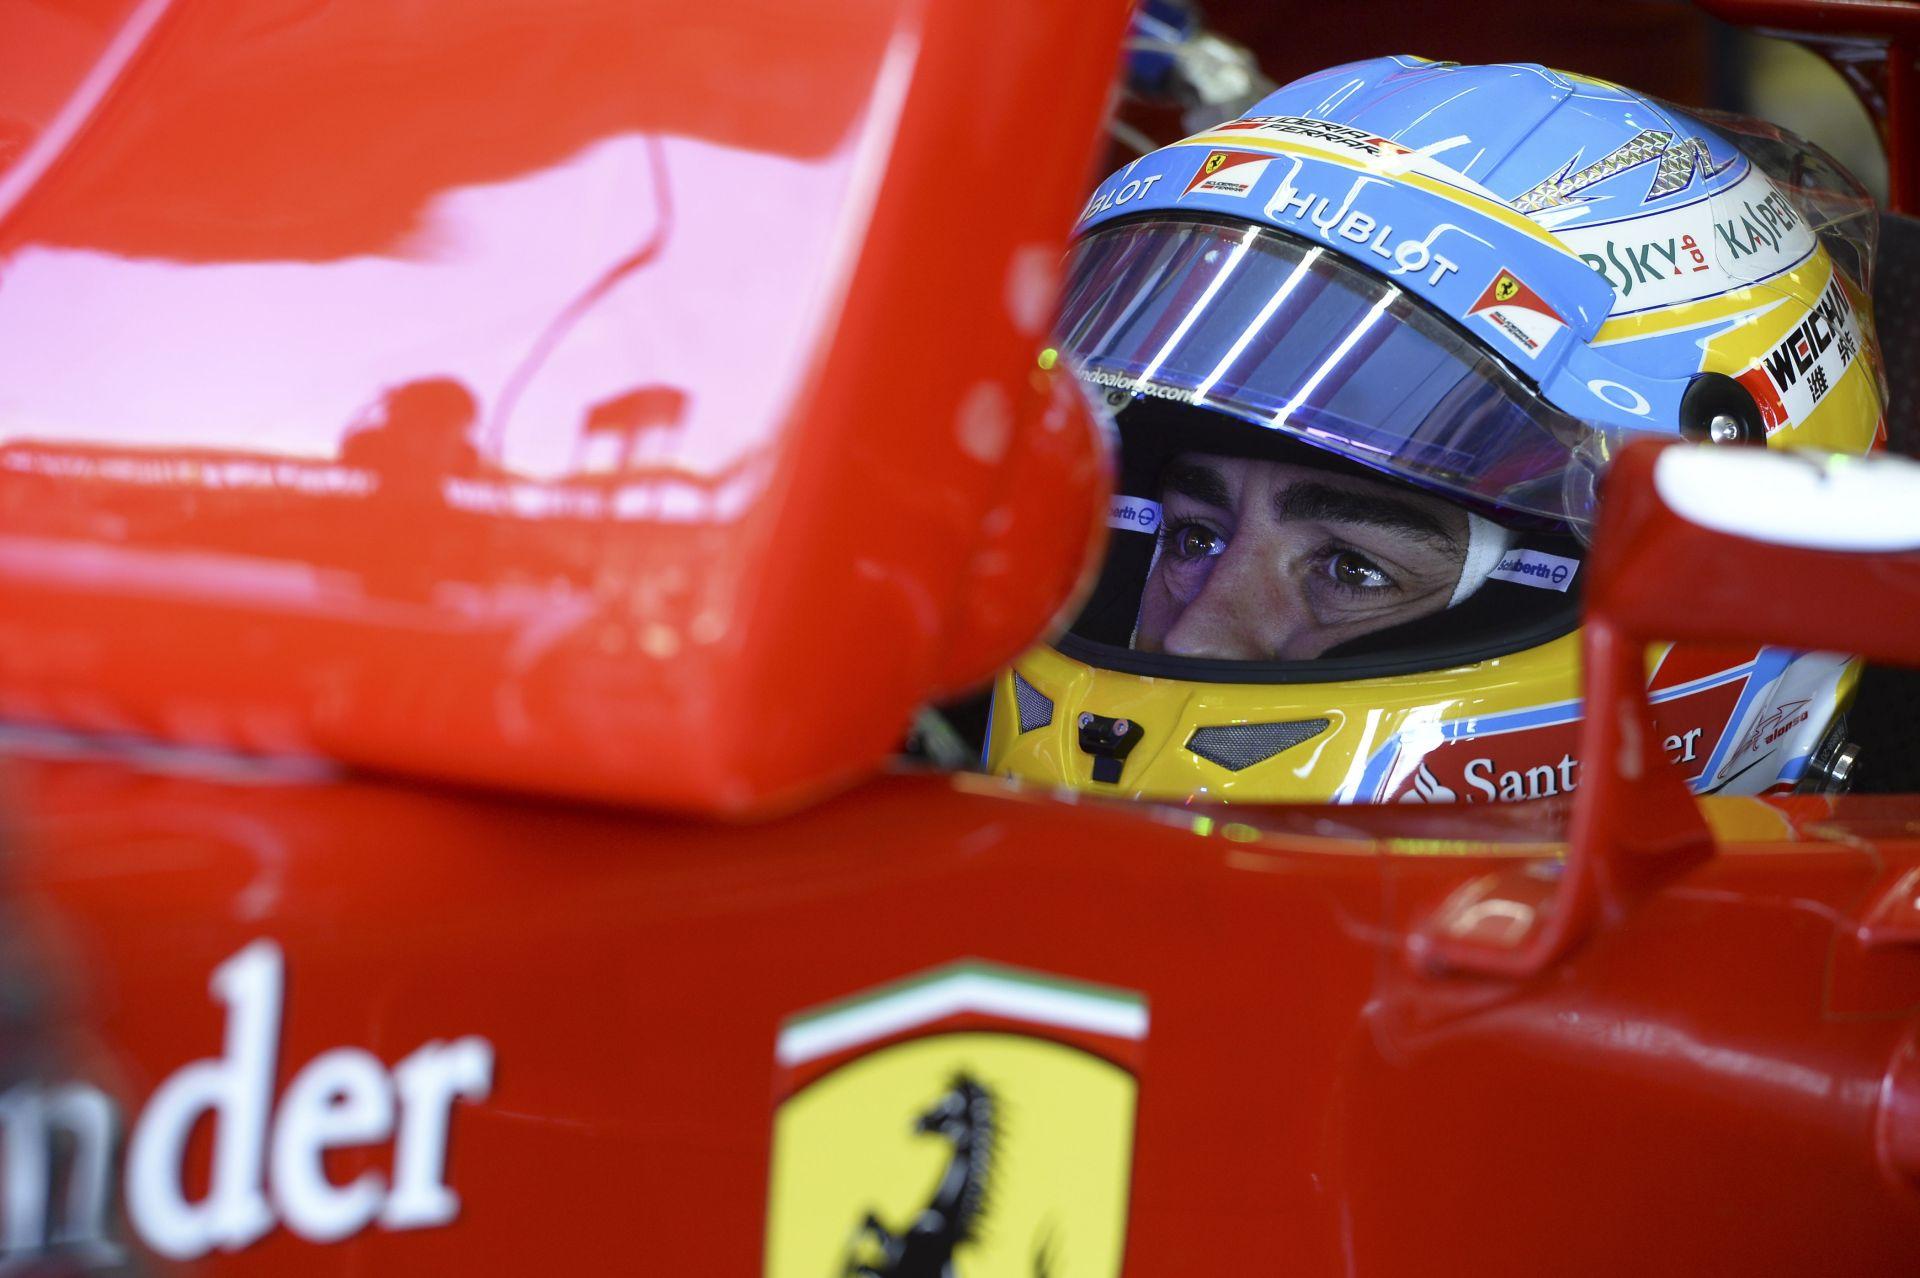 Ferrari: Alonso egy nagyszerű Magyar Nagydíjat futott, addig Raikkönent támogatjuk